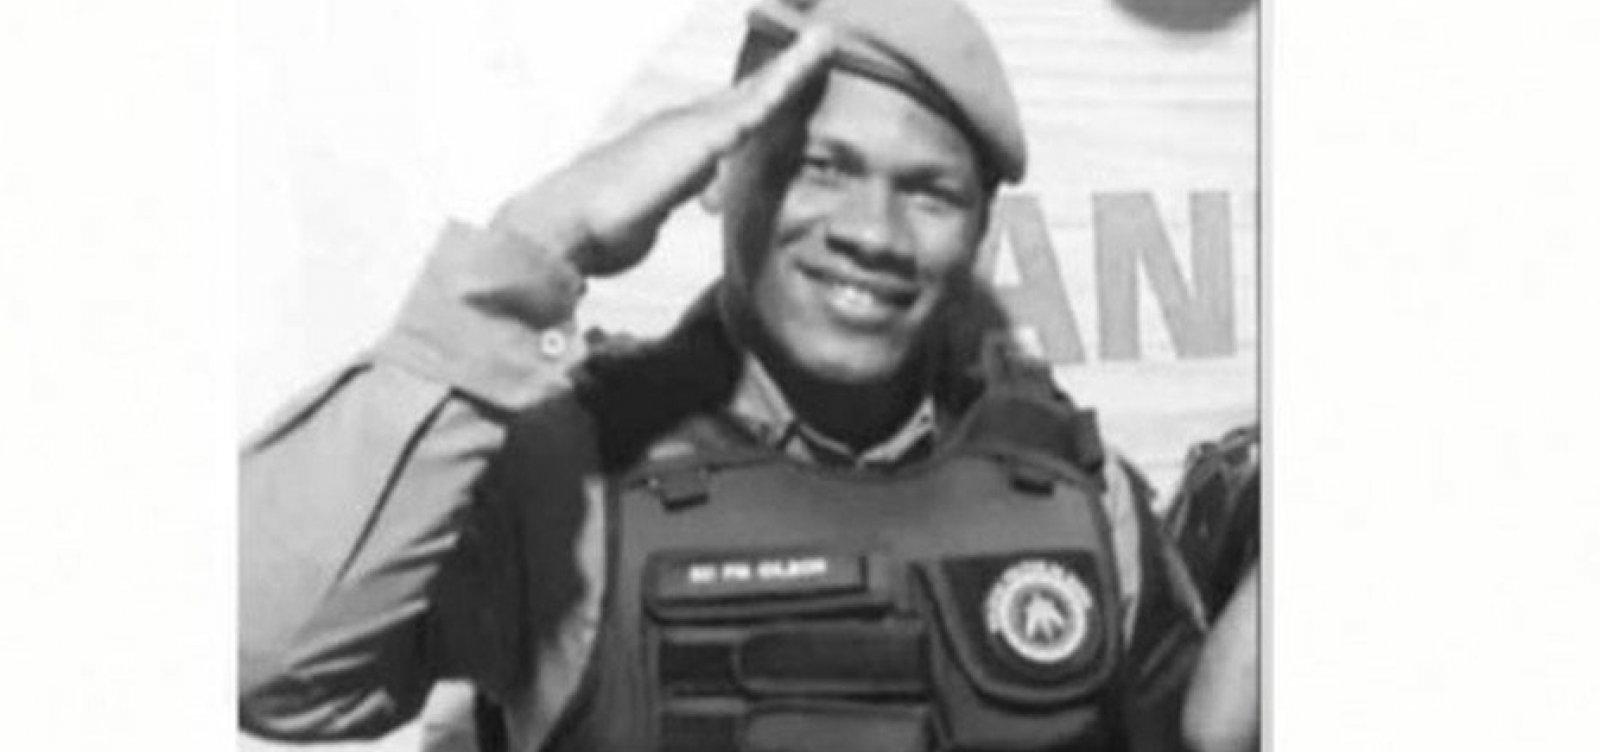 De folga, PM morre após ser baleado em festa com motocicletas no interior da Bahia